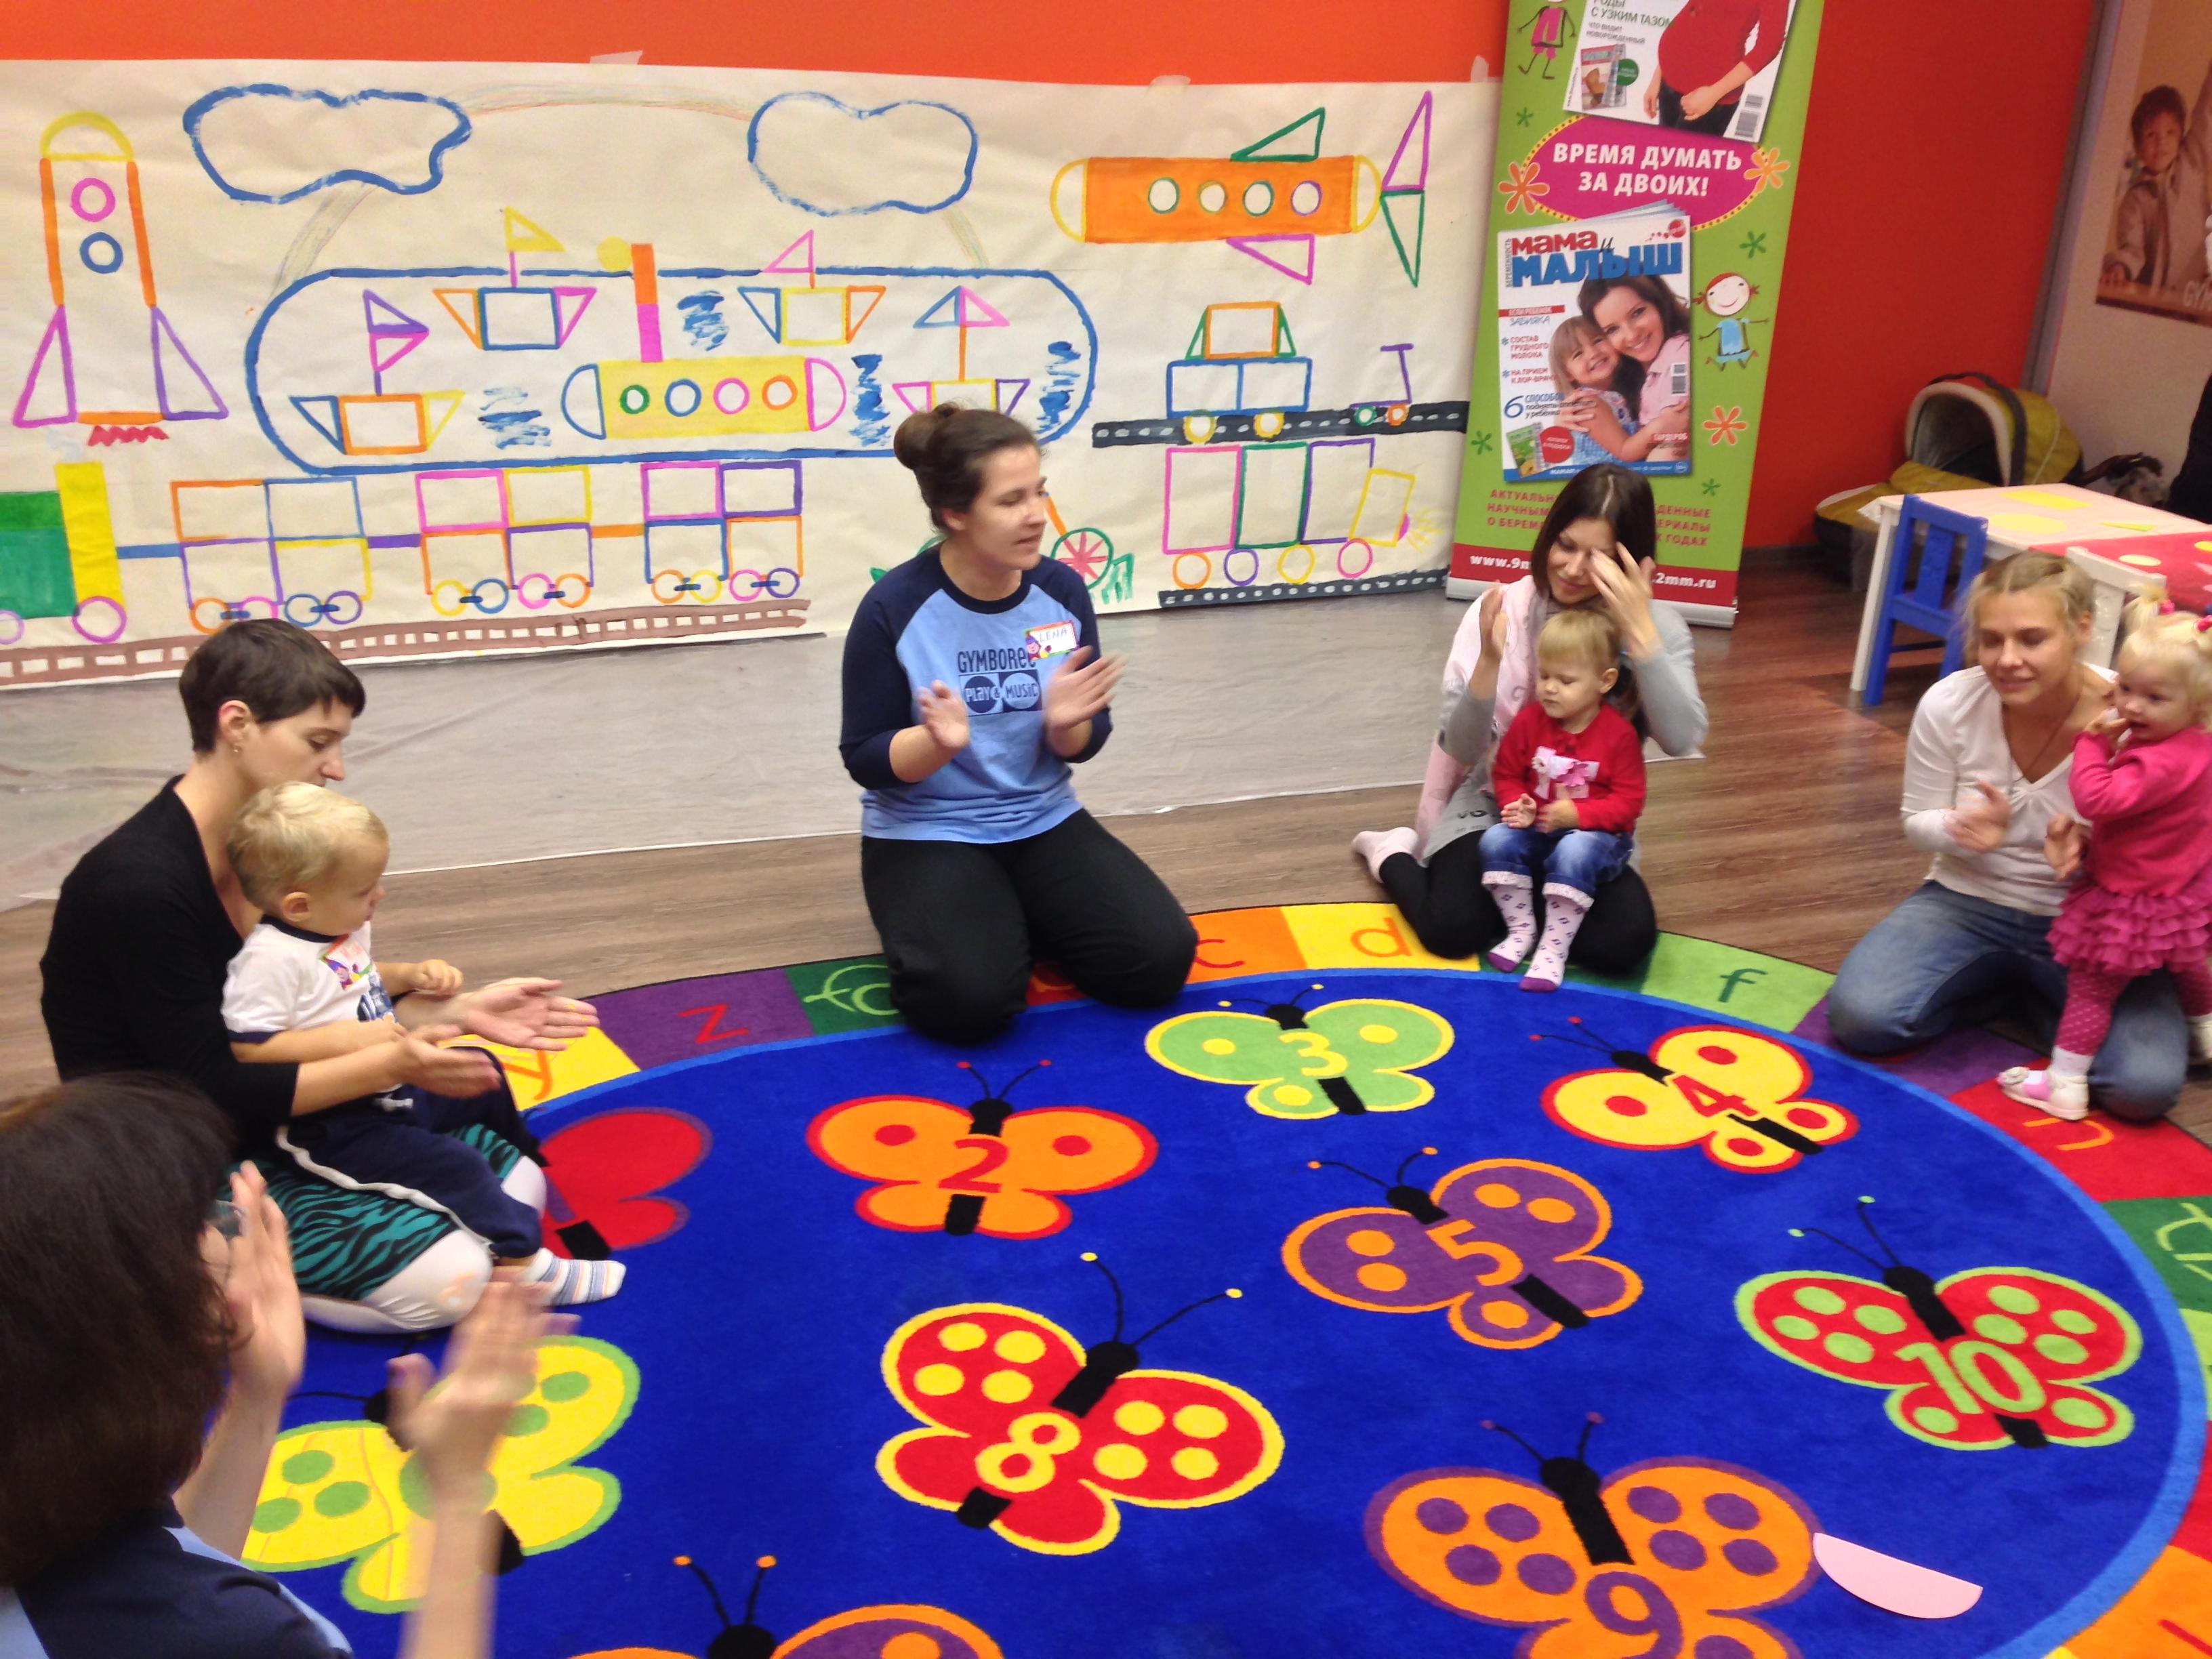 Бесплатный веселый урок для малышей от журнала «Мама и малыш»!